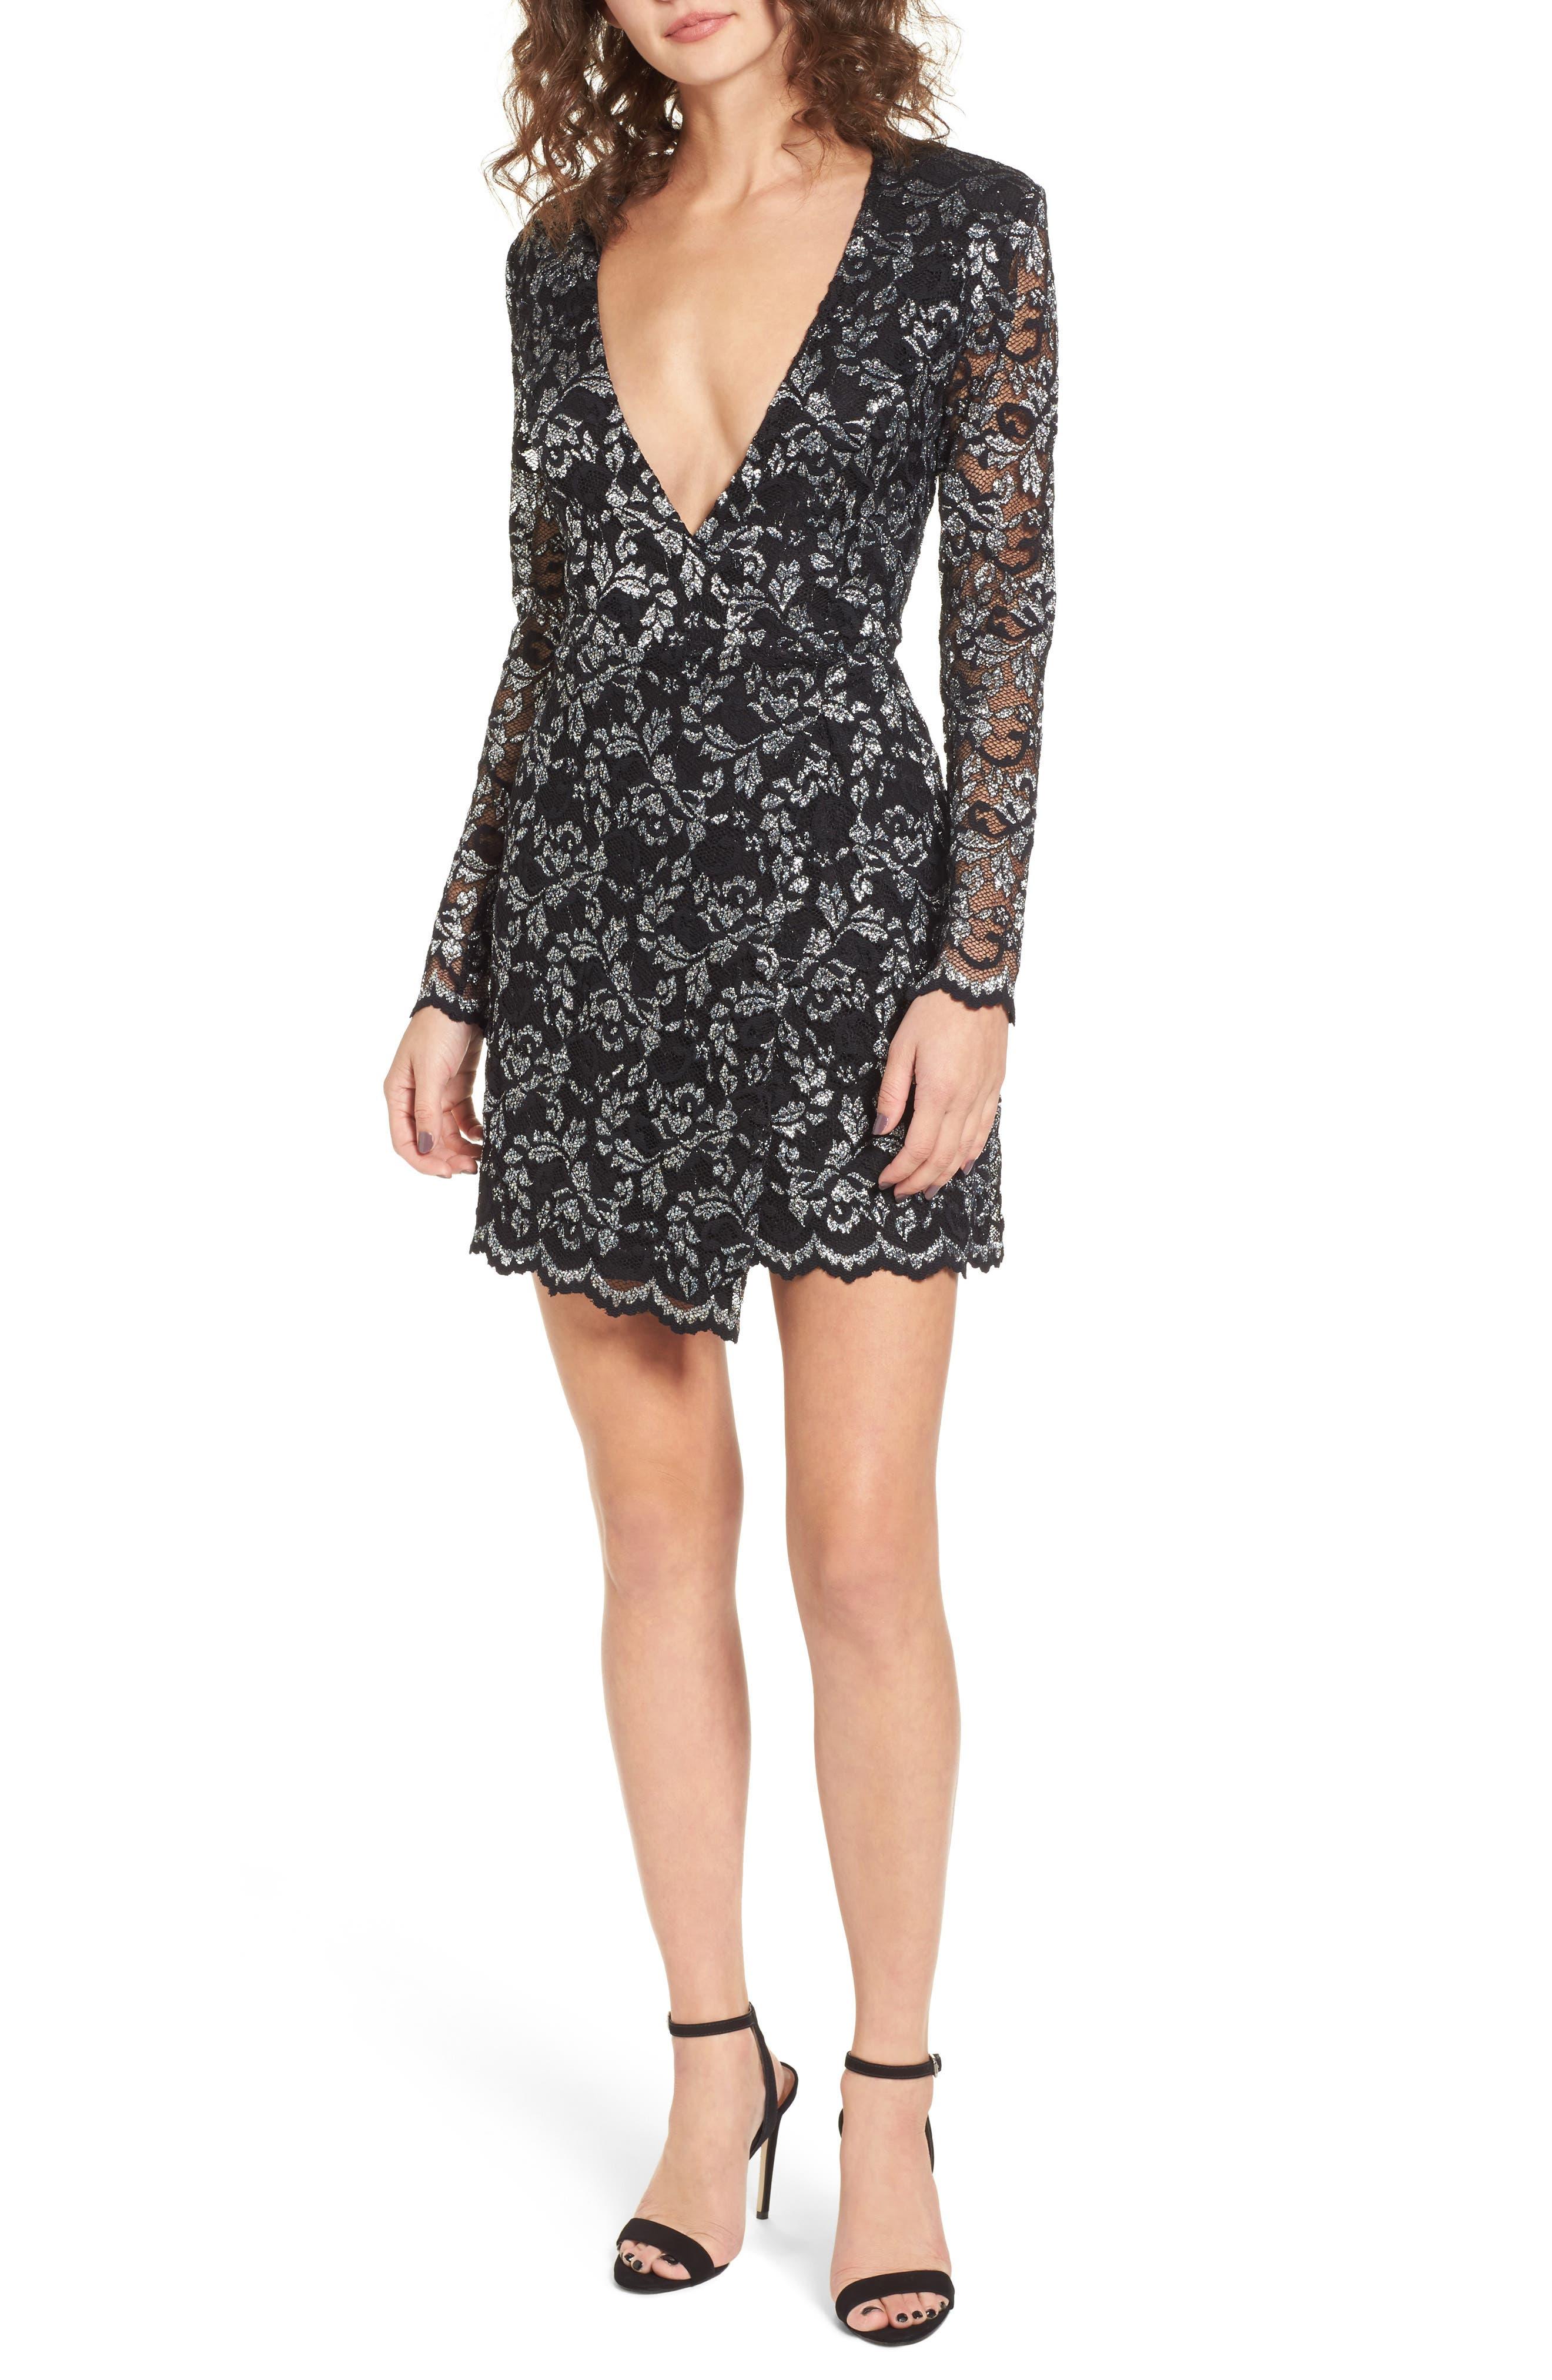 Laney Metallic Lace Wrap Dress,                             Main thumbnail 1, color,                             Black/ Silver